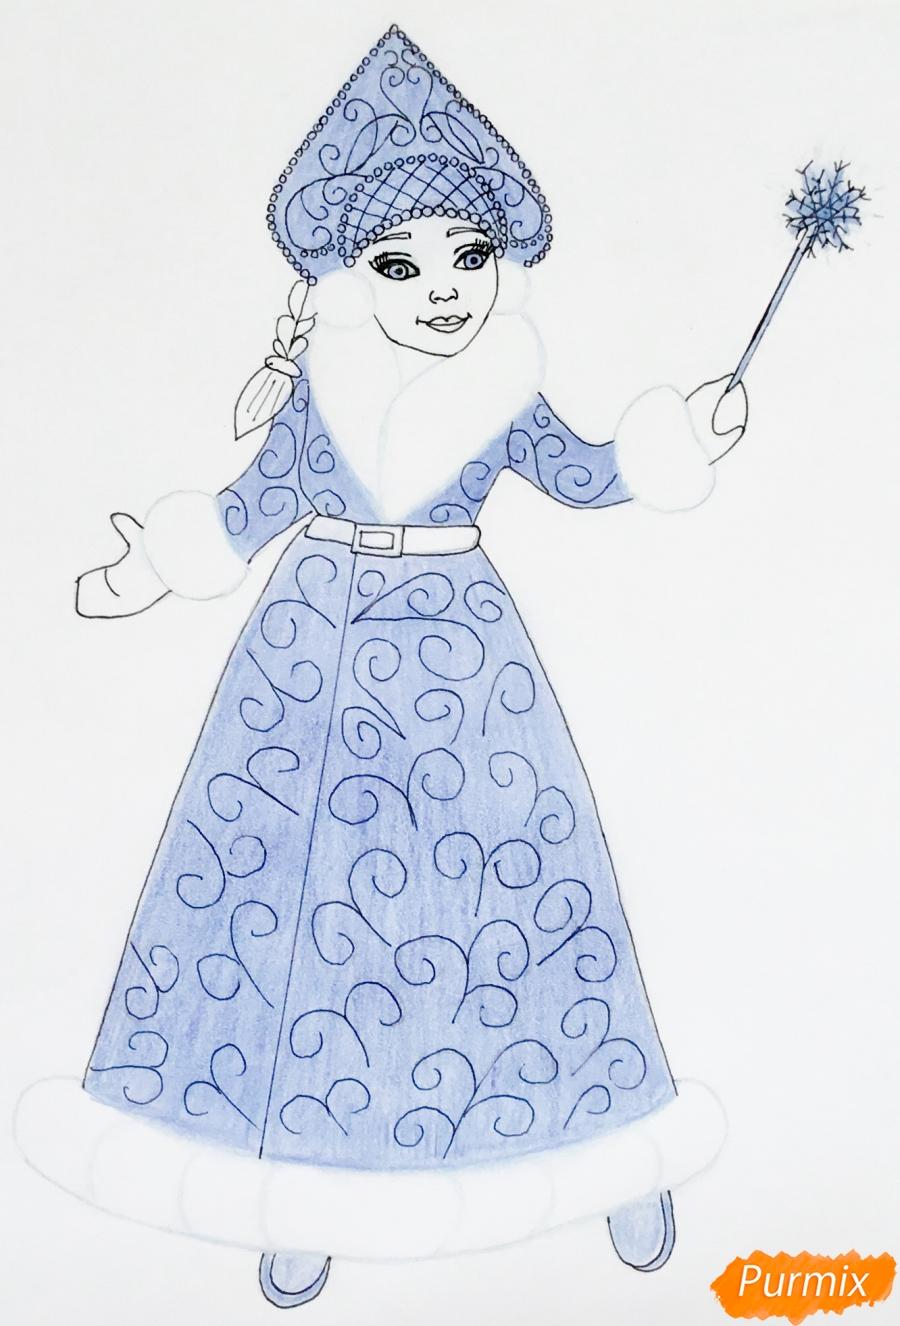 Рисуем снегурочку с волшебной палочкой в руке карандашами - фото 9